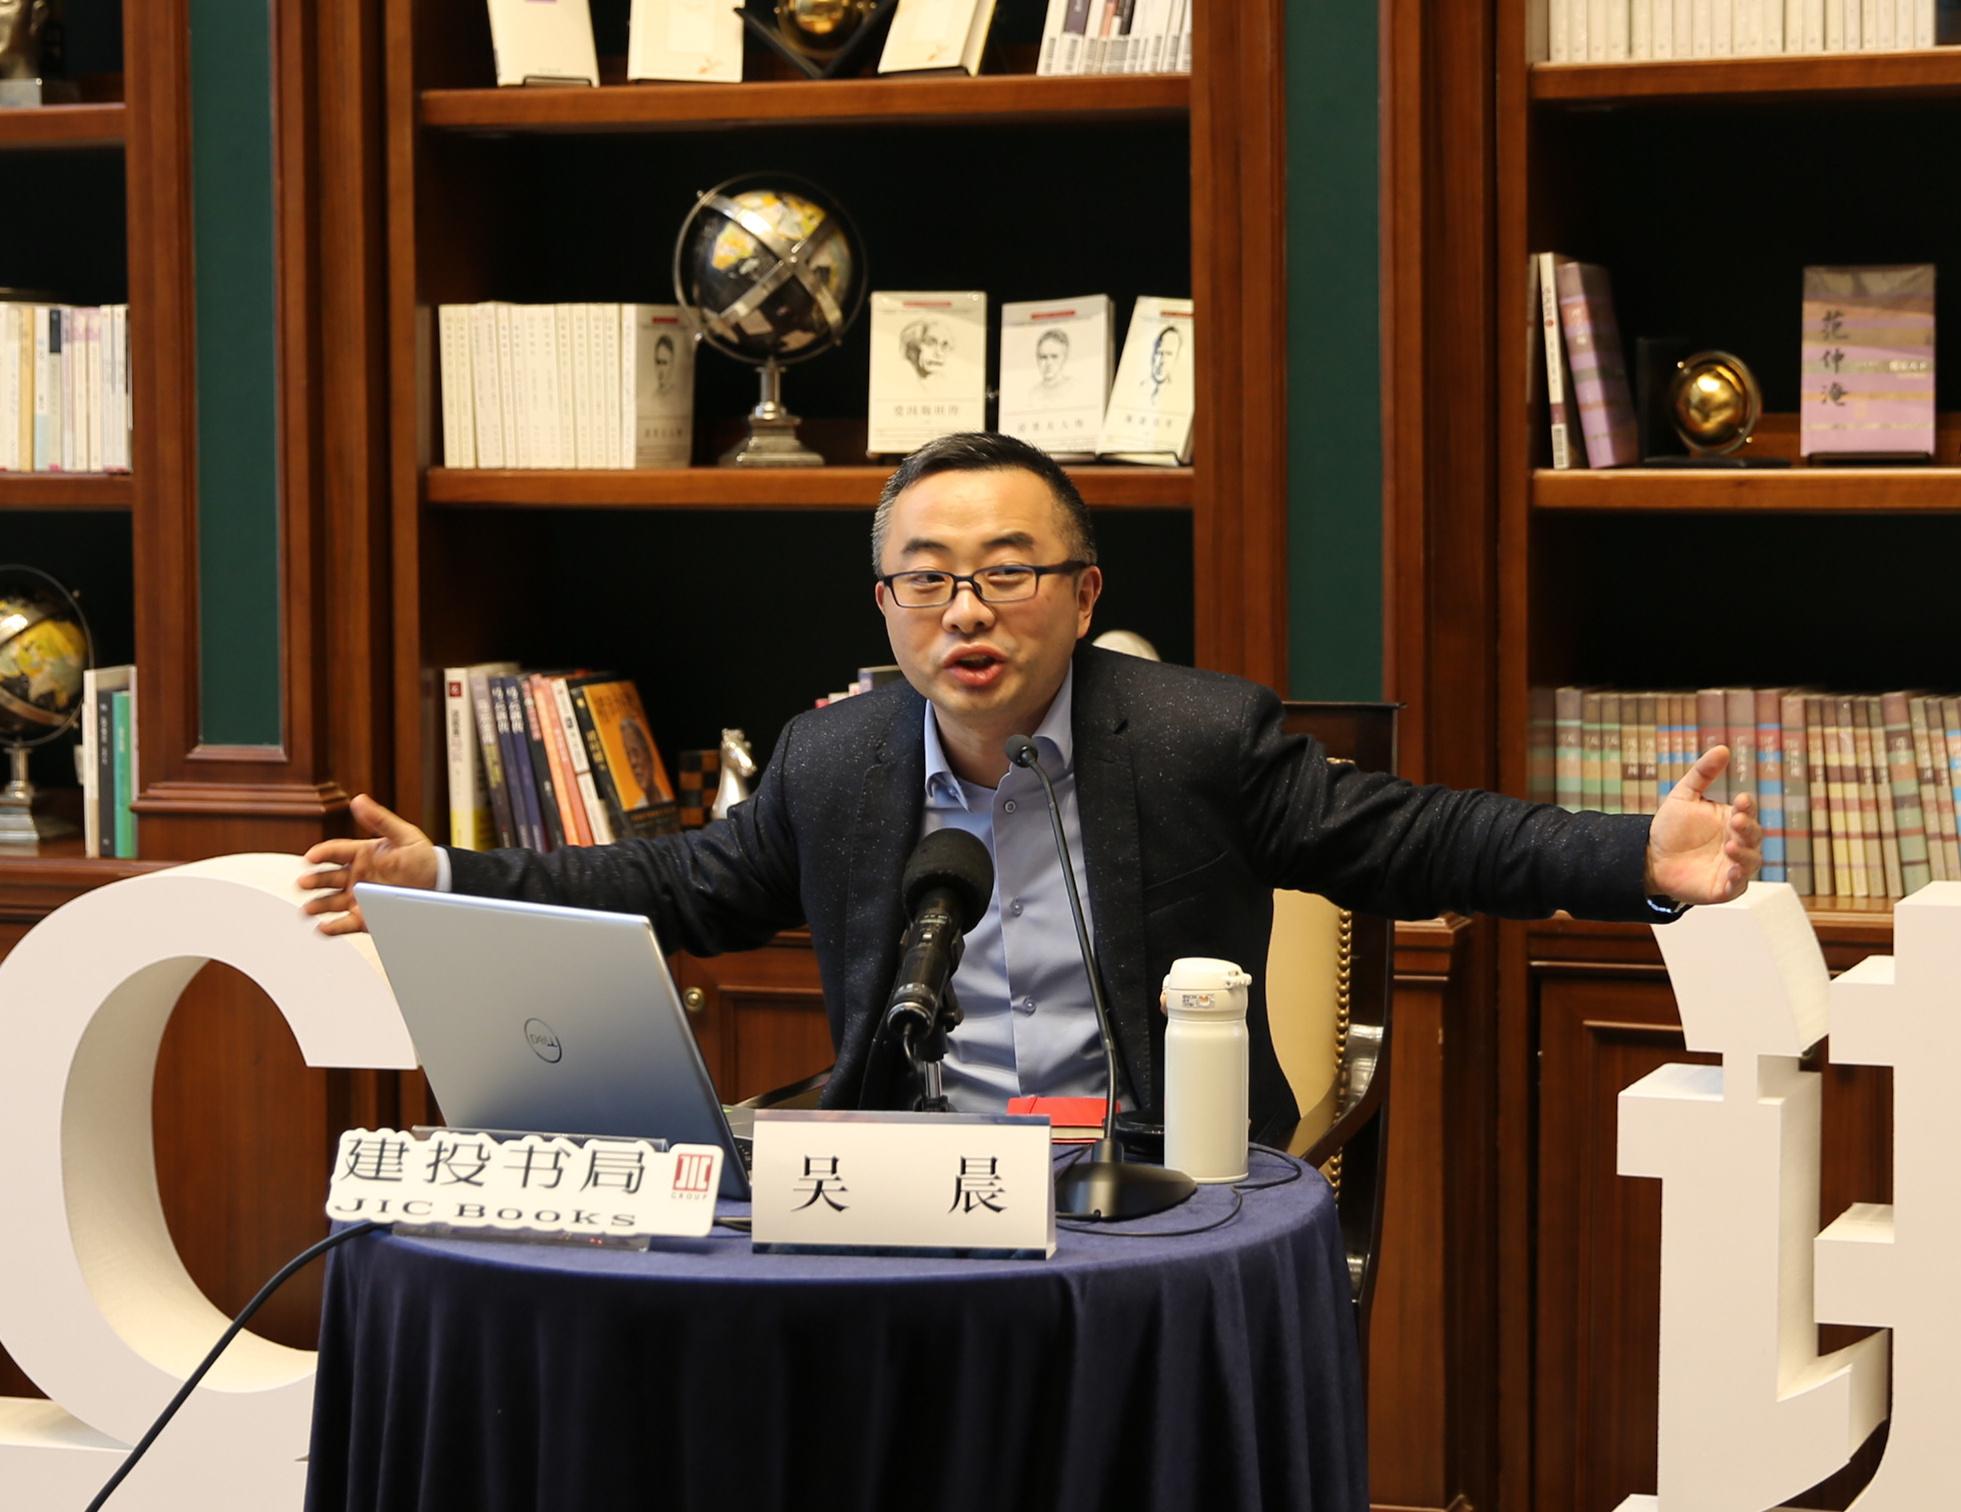 《经济学人·商论》主编吴晨表达了自己的阅读观点_副本.jpg